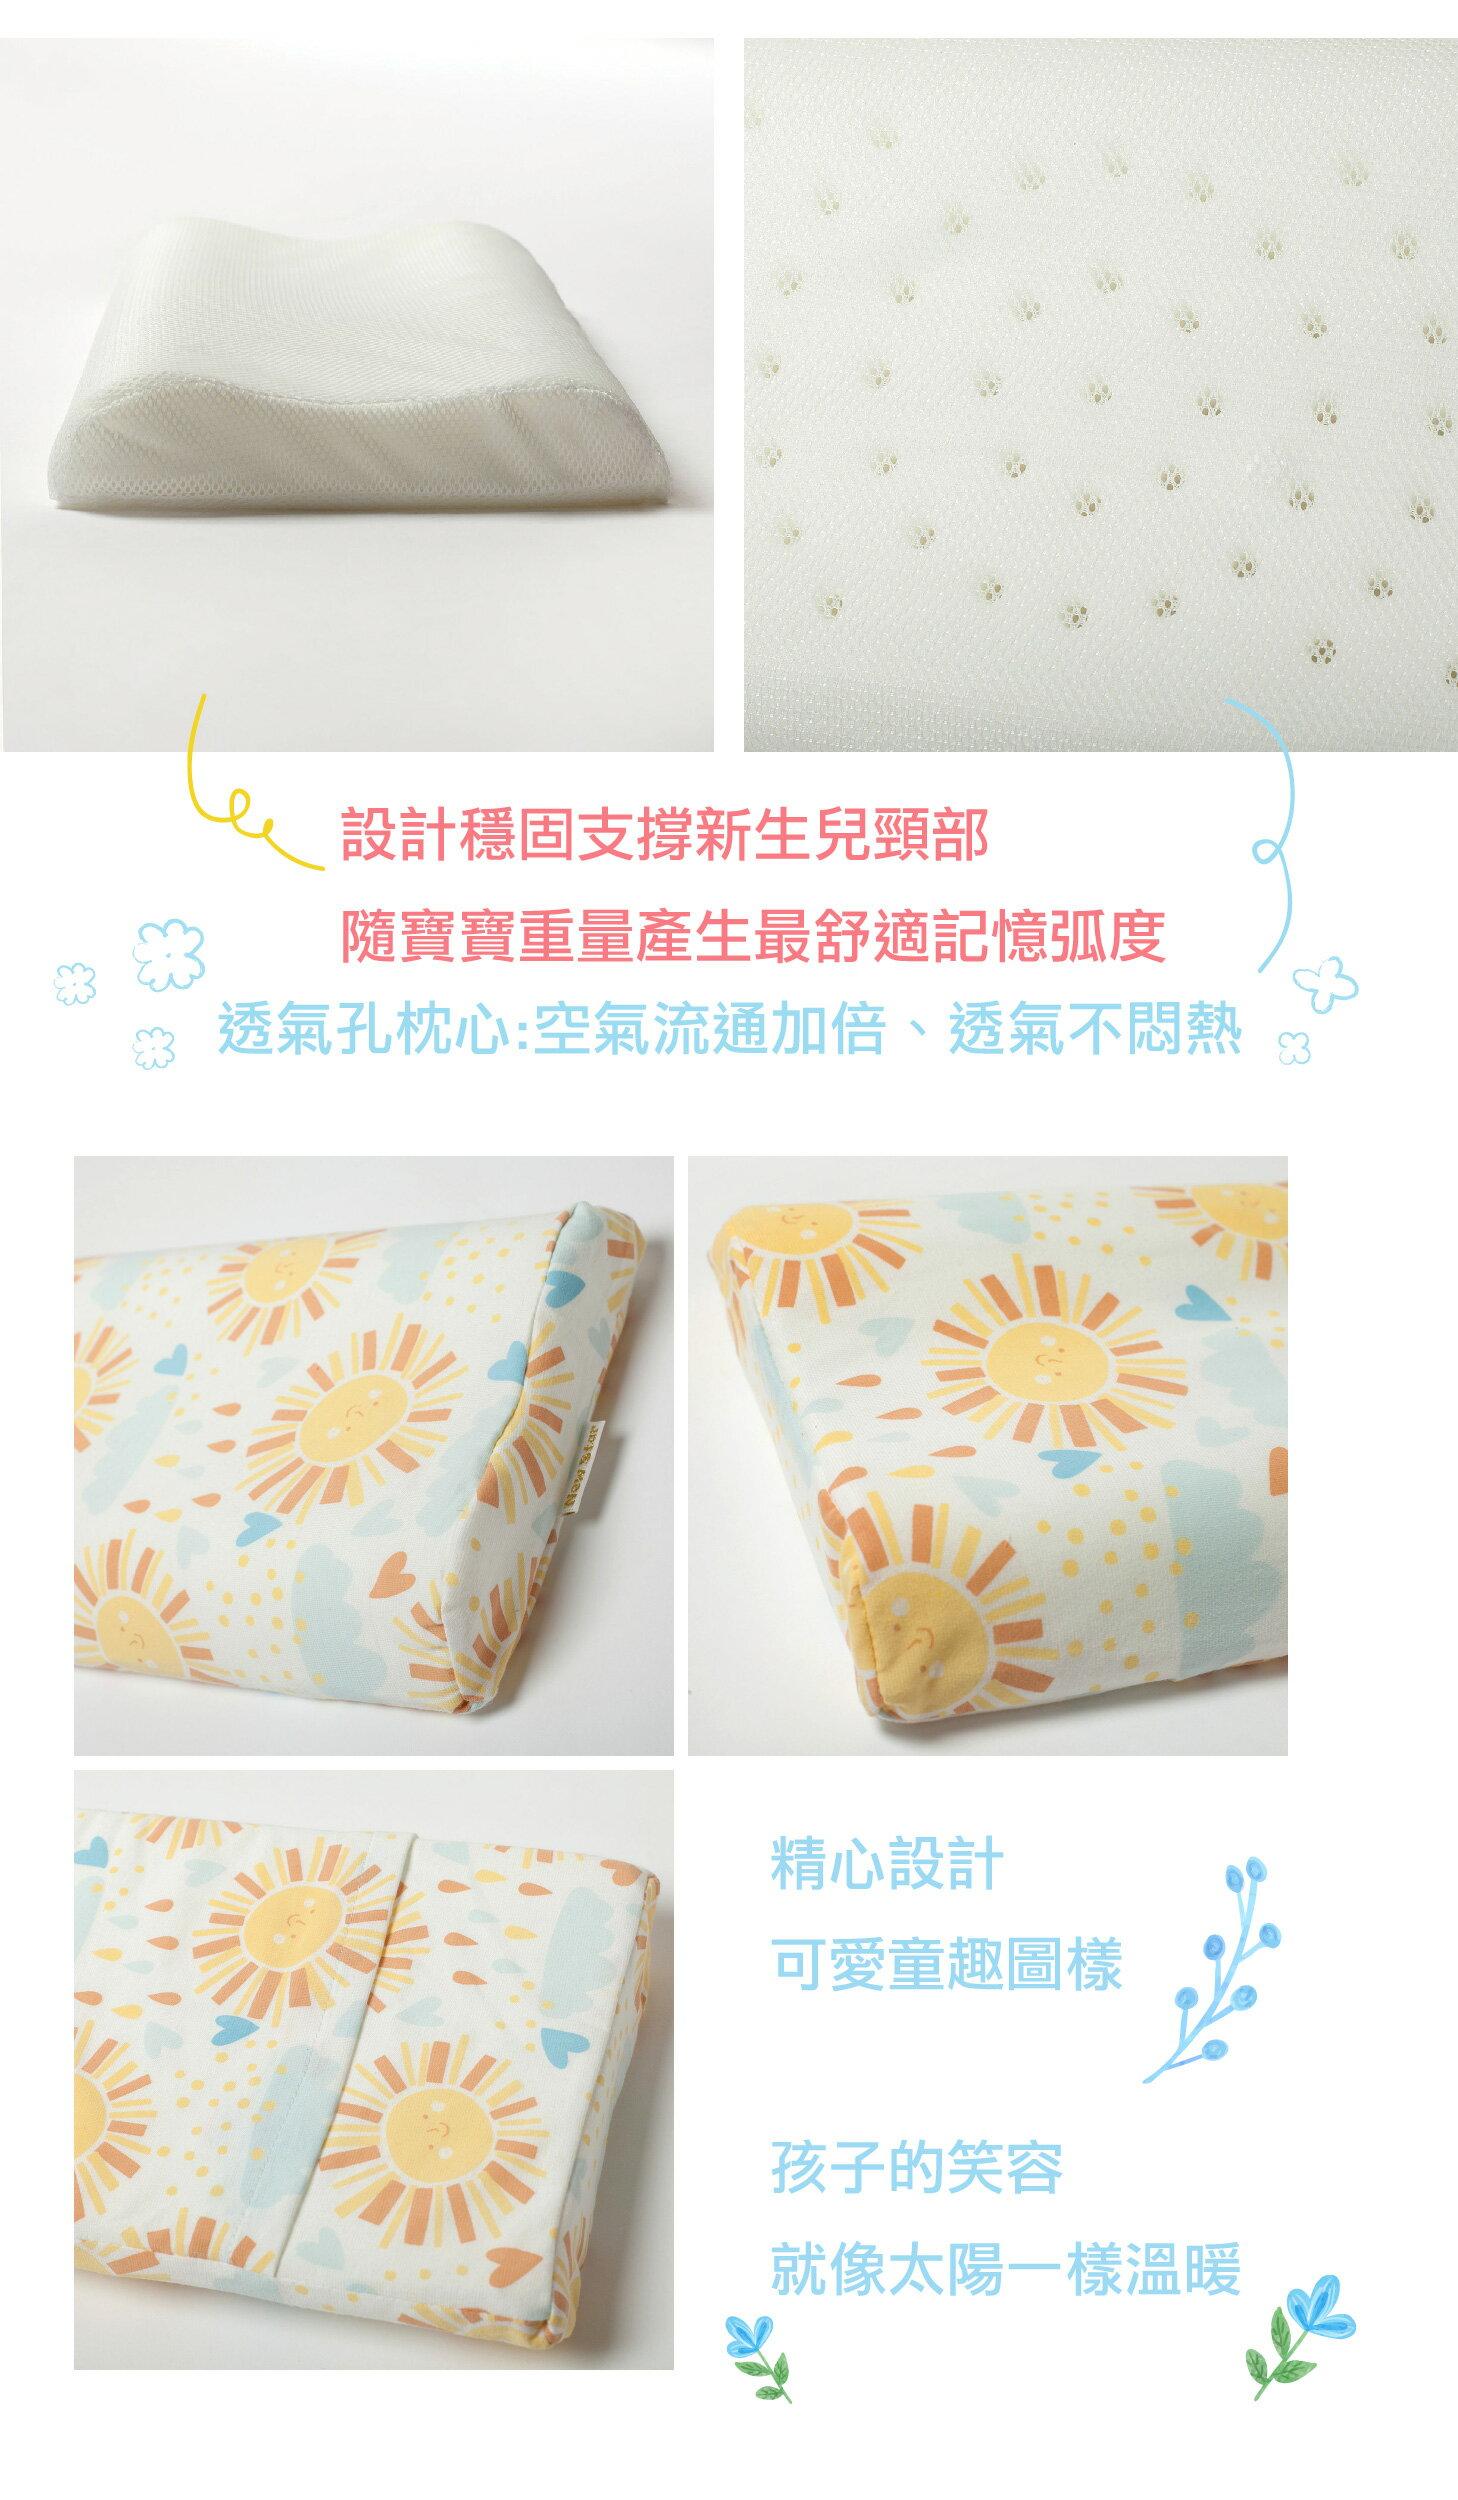 【晴晴百寶盒】吸濕排汗-舒眠嬰兒記憶枕 口碑款 材質優 柔軟又舒適 枕心特殊通風透氣孔設計 寶寶睡得好 回購高S151 2